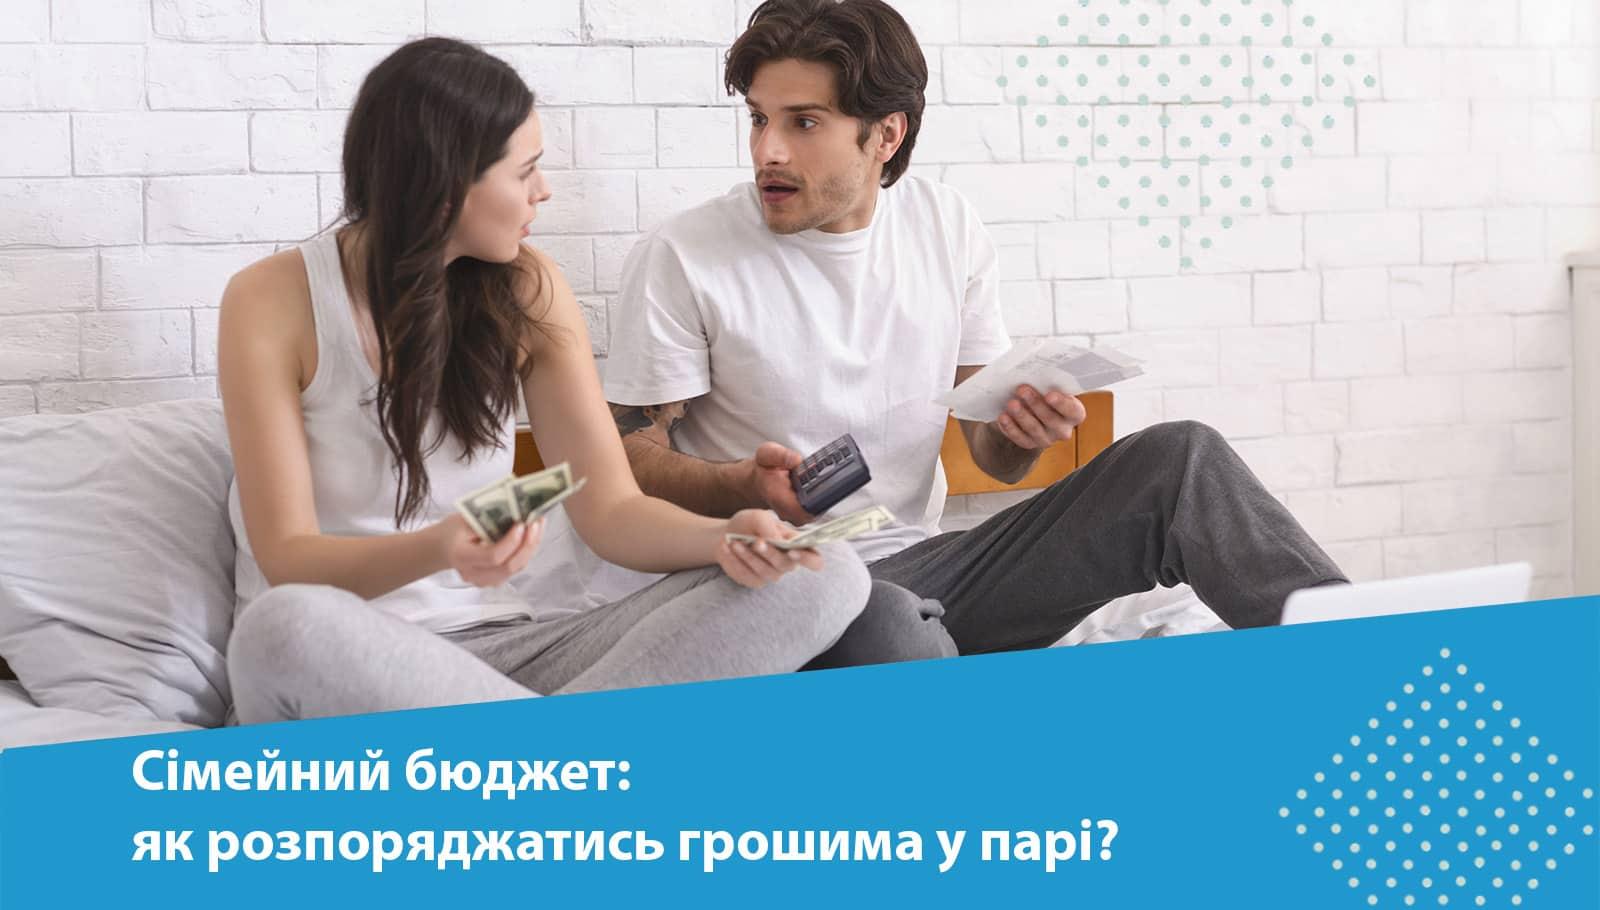 молода пара